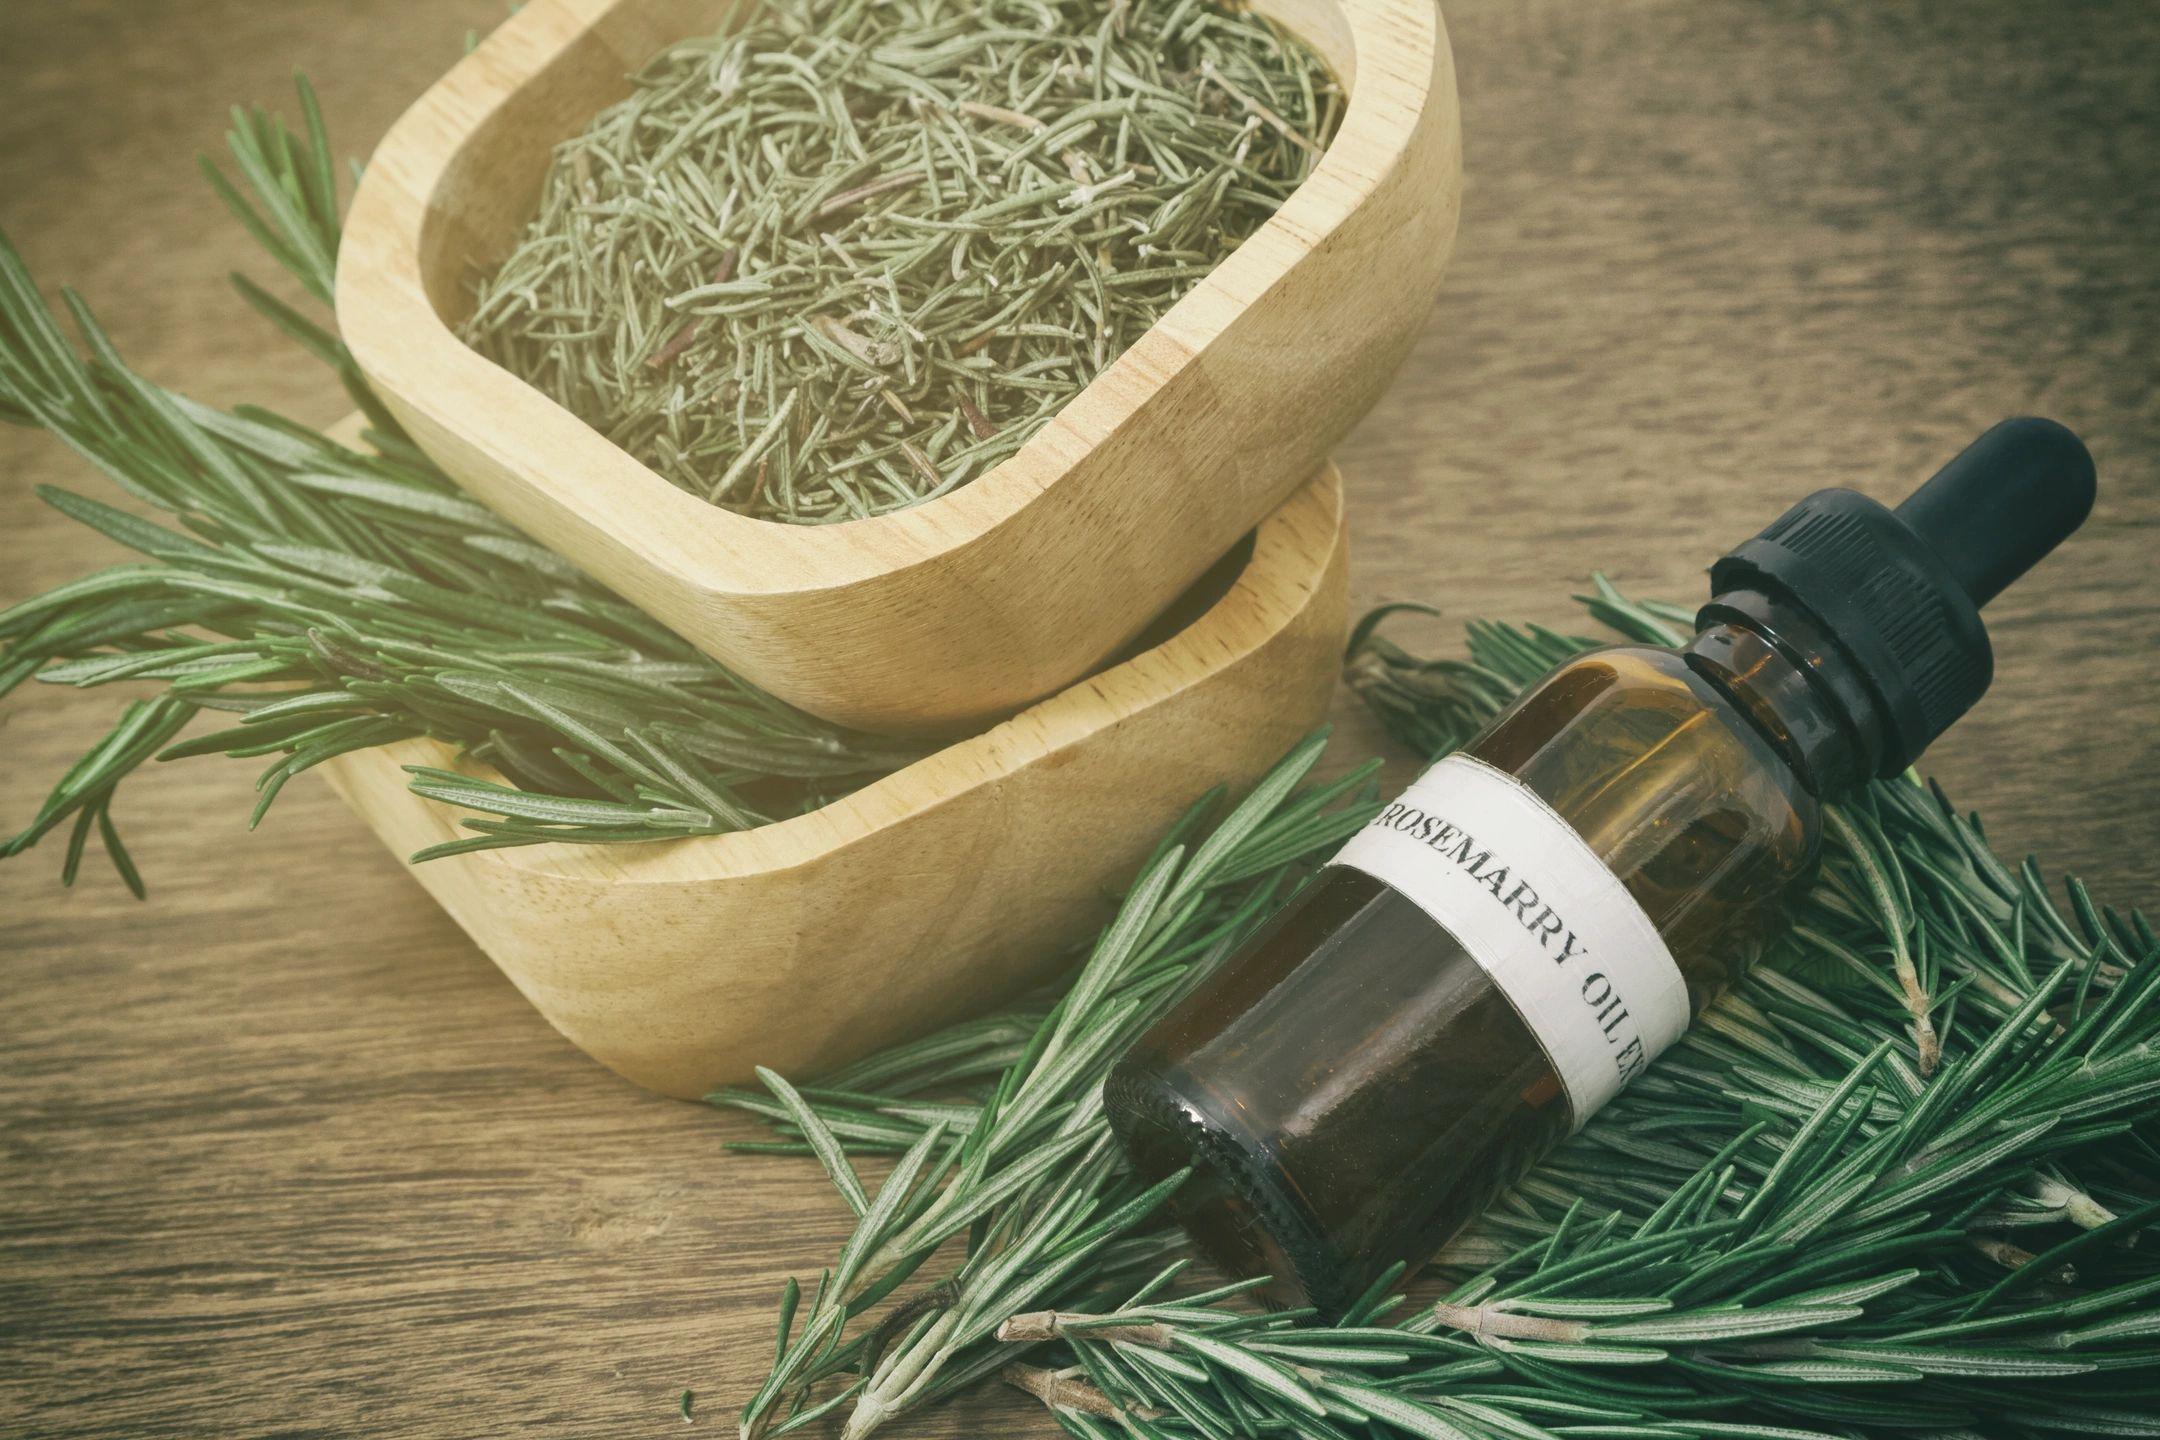 Making Sense of Aromas